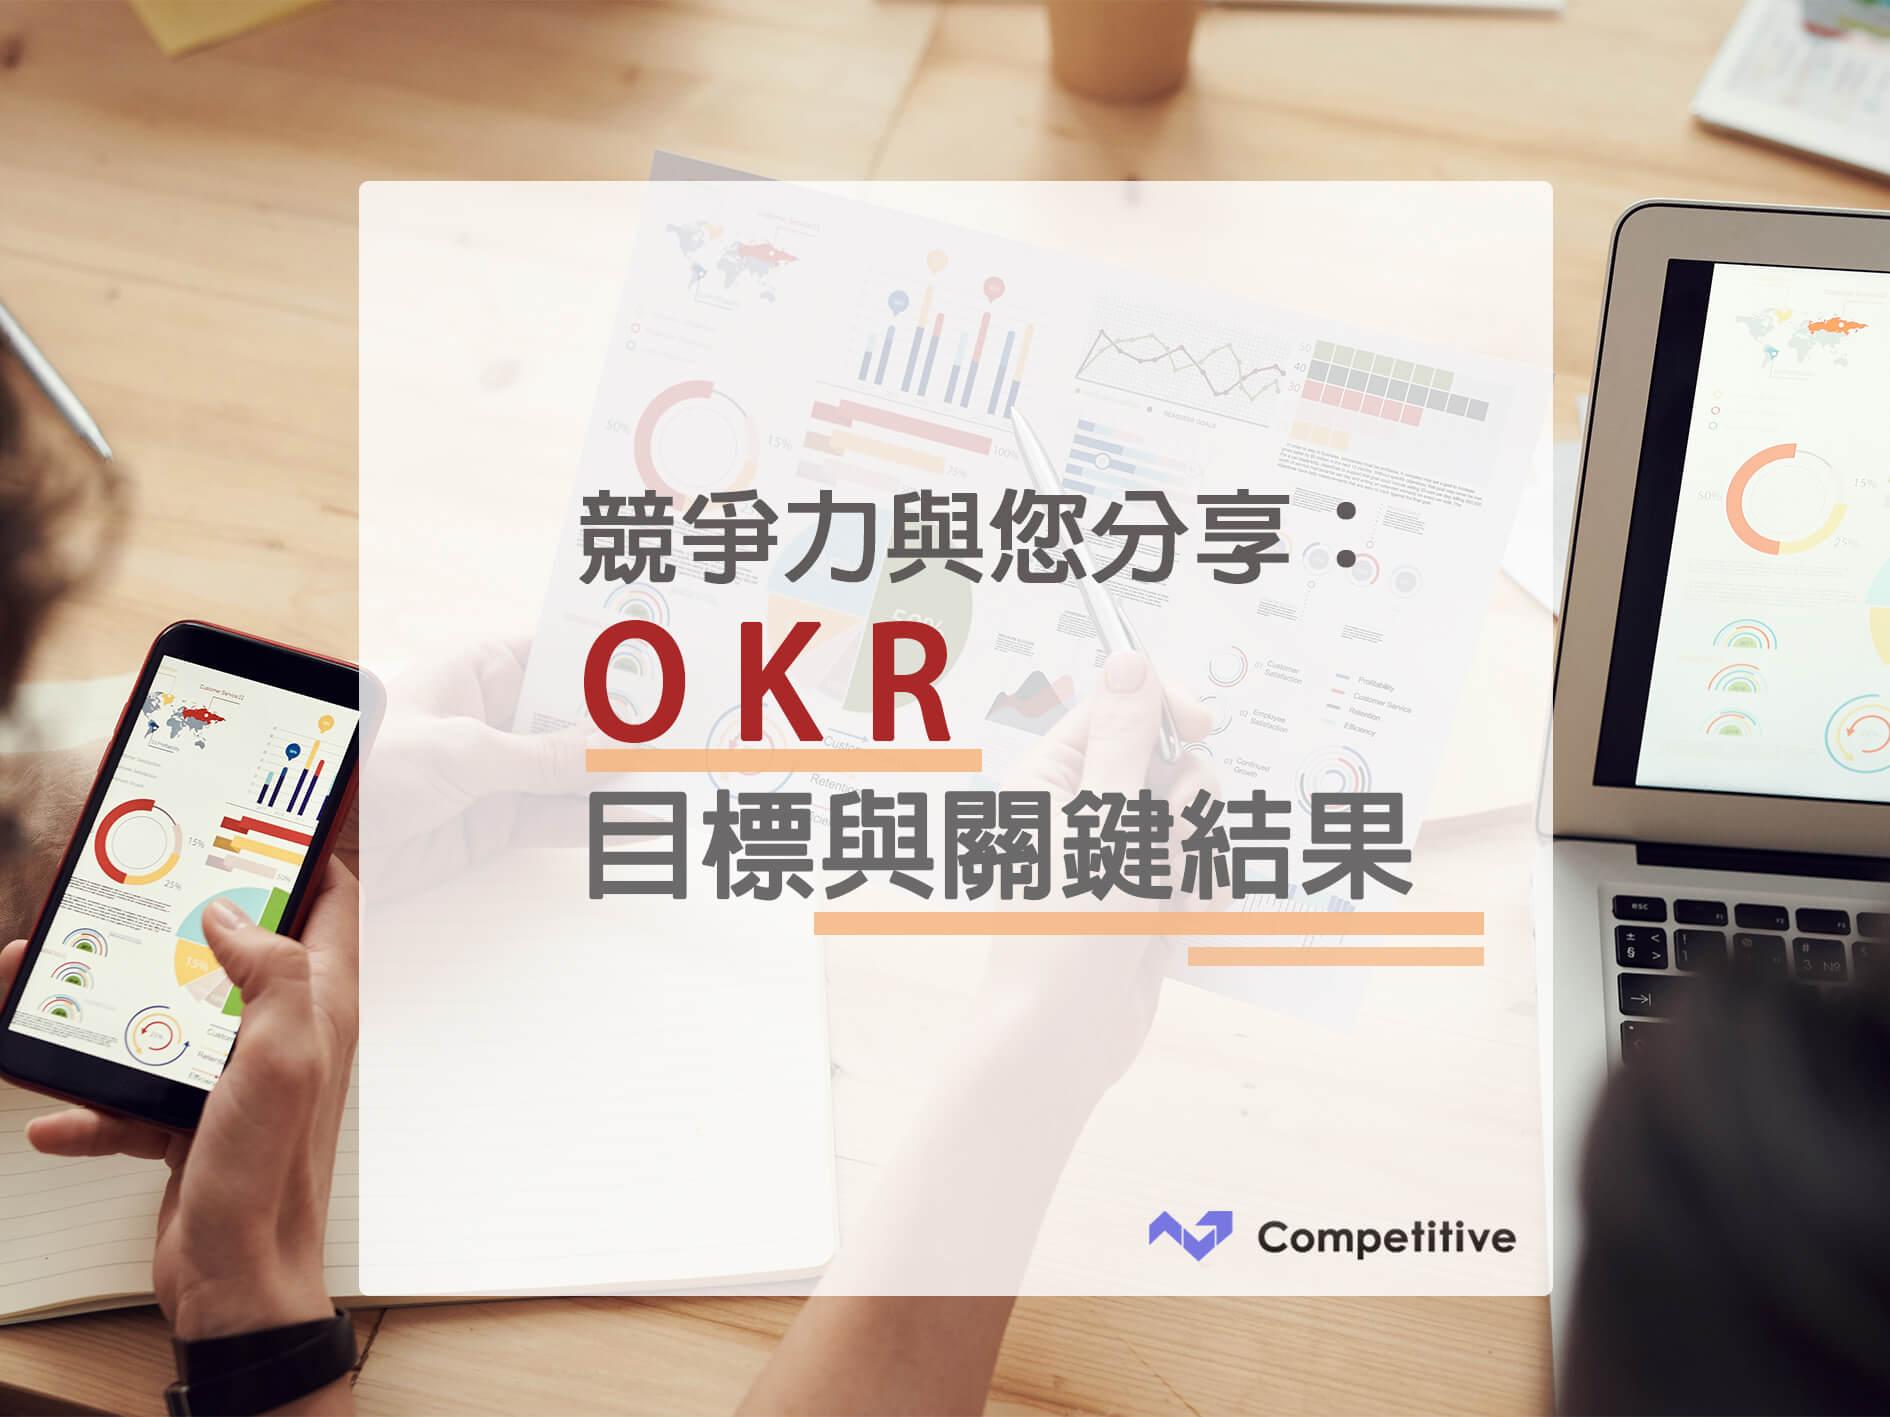 OKR,目標與關鍵結果